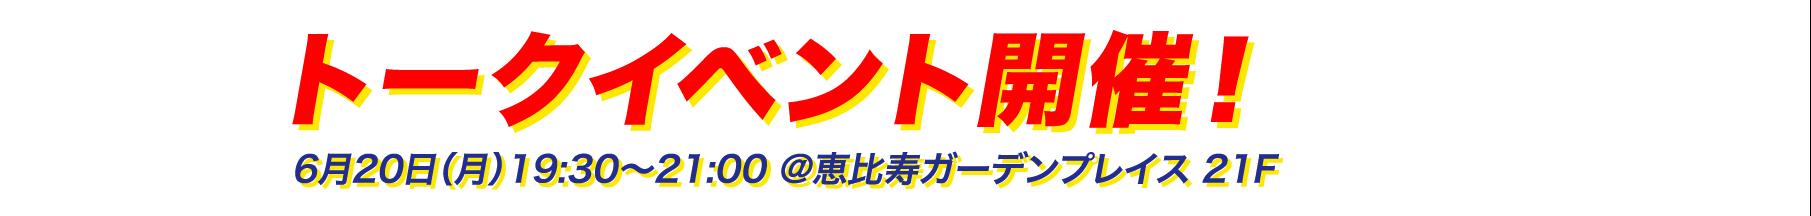 トークイベント開催! 6月20日(月) 19:30 ~ 21:00 @恵比寿ガーデンプレス 21F